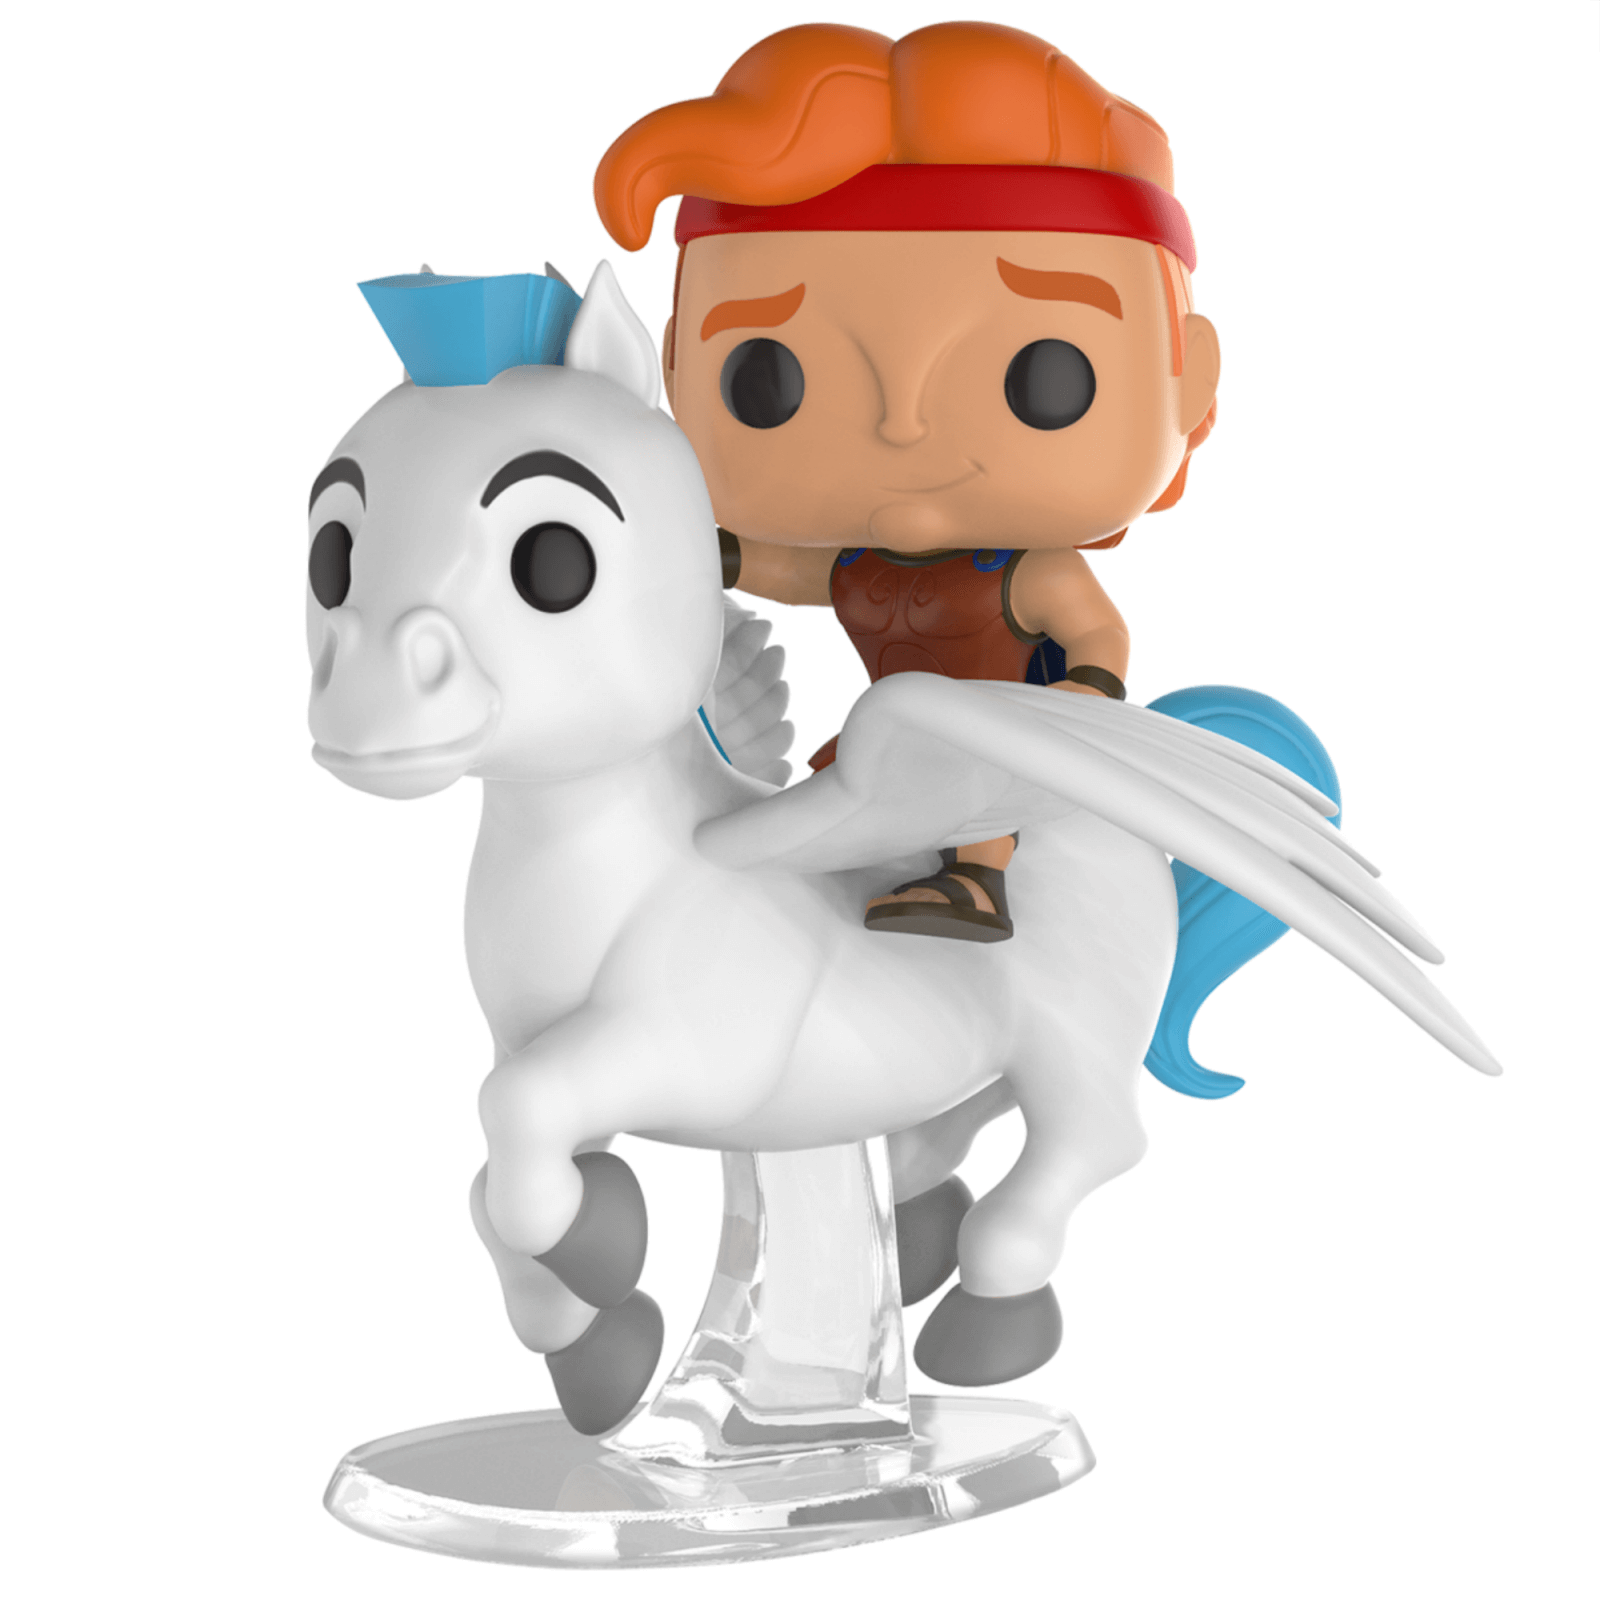 Disney Hercules Hercules a cavallo di Pegaso Pop! Vinyl Ride